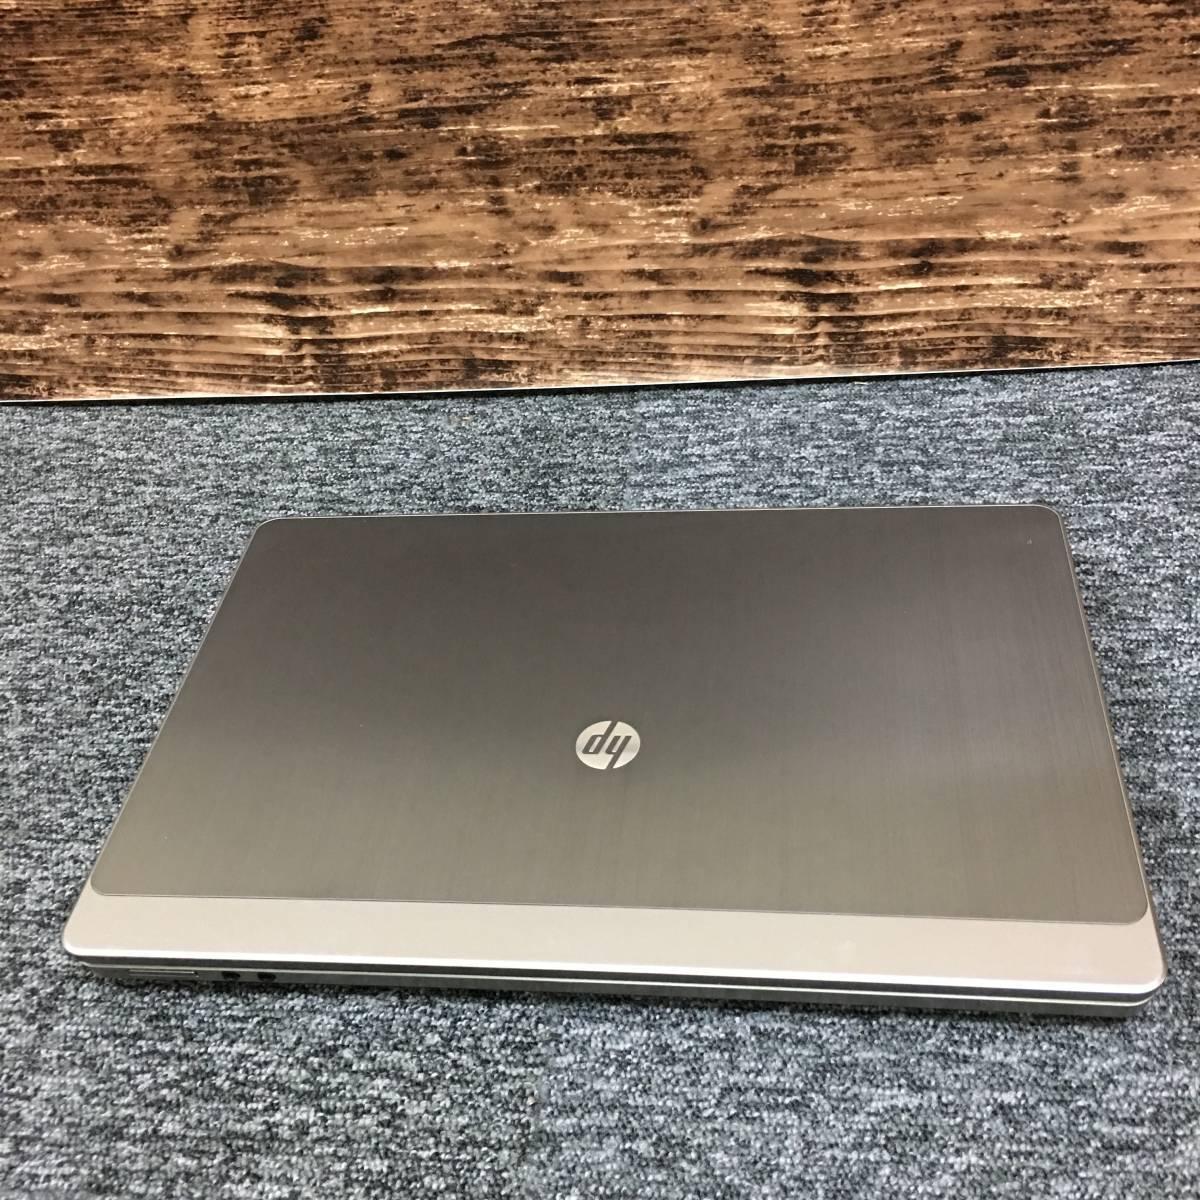 Win7 /中古ノートパソコン/HP ProBook 4530s/Core i5第二世代/Office 2016搭載/メモリ4GB/500GB/15.6インチ/DVDスーパーマルチ/無線LAN_画像4